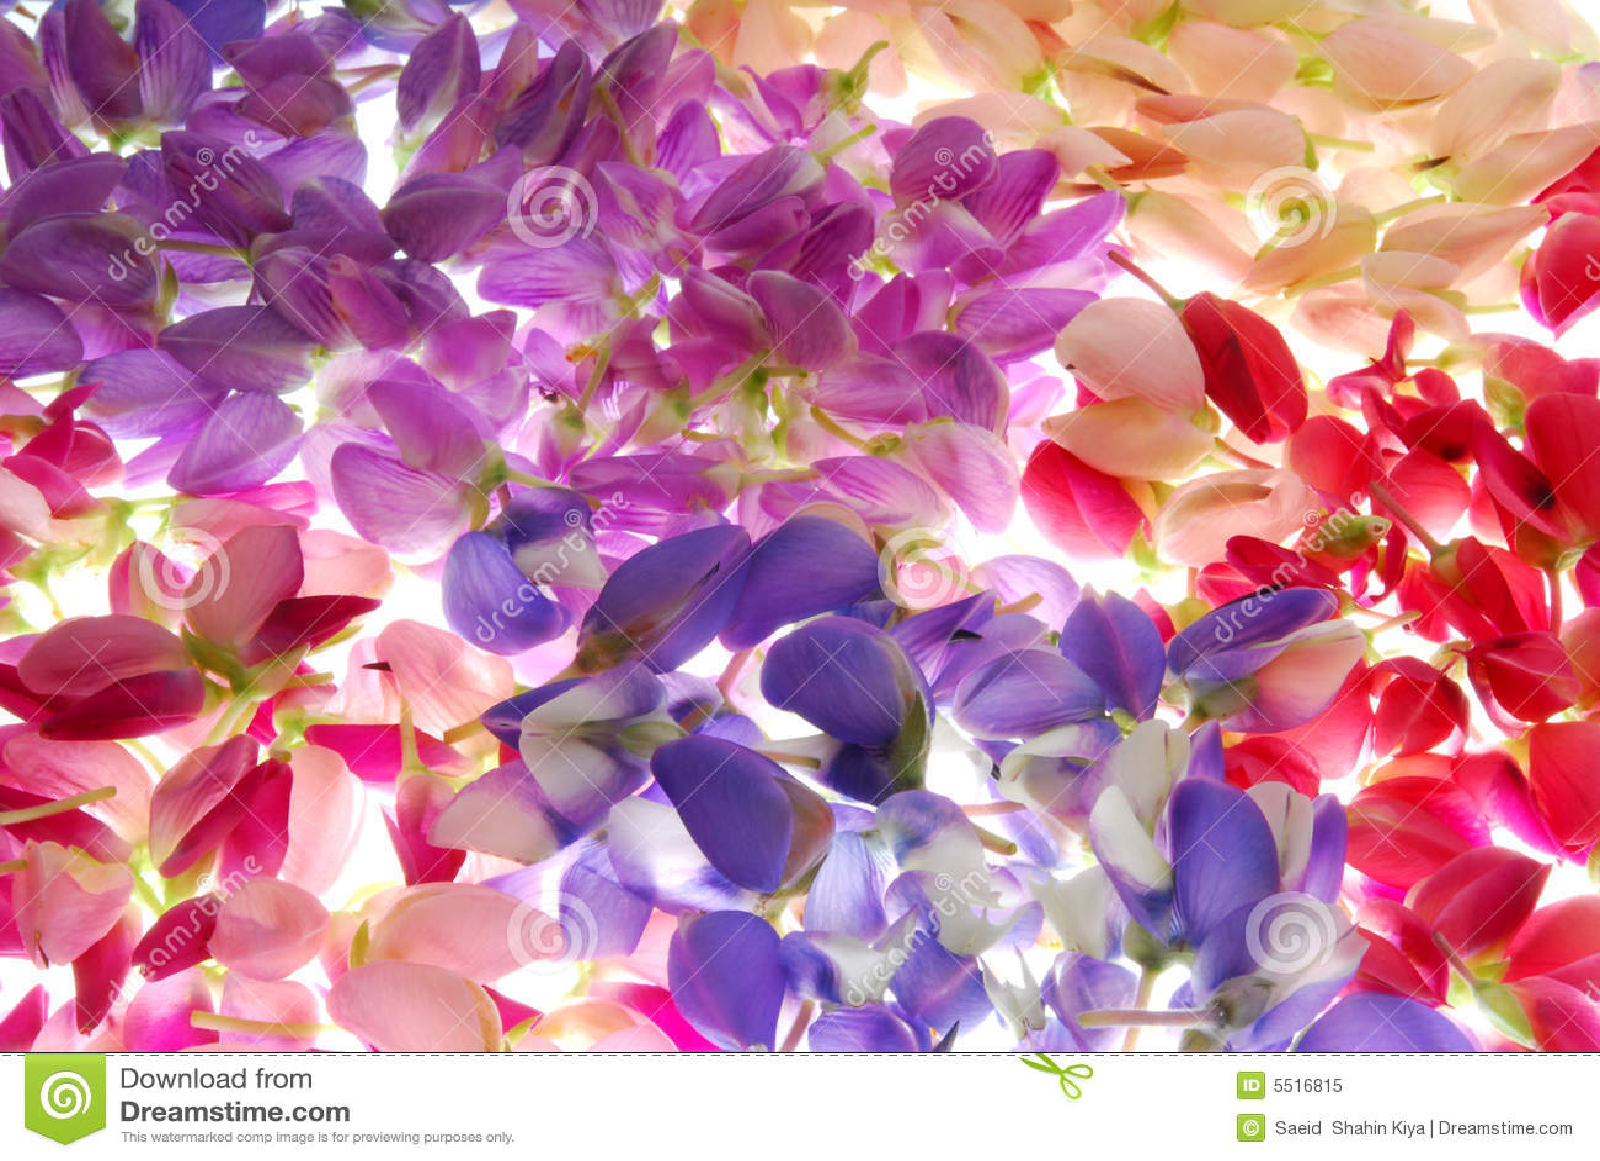 Pétales colorés de fleur